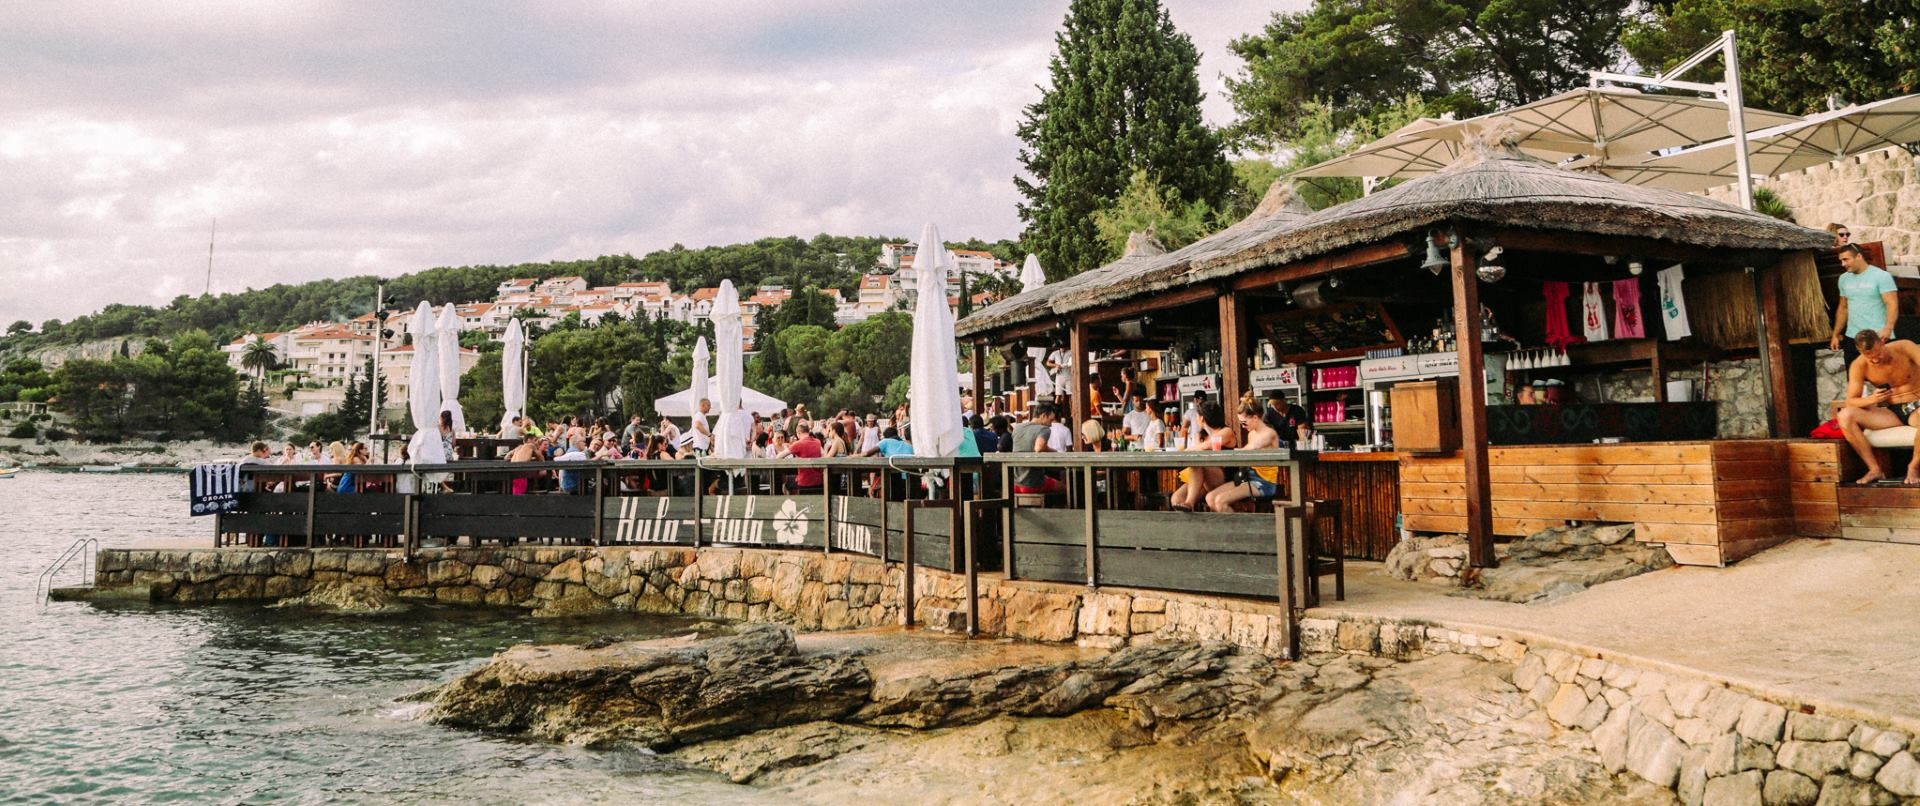 HULA HULA HVAR Luksuzni beach bar predstavlja bogat glazbeni program